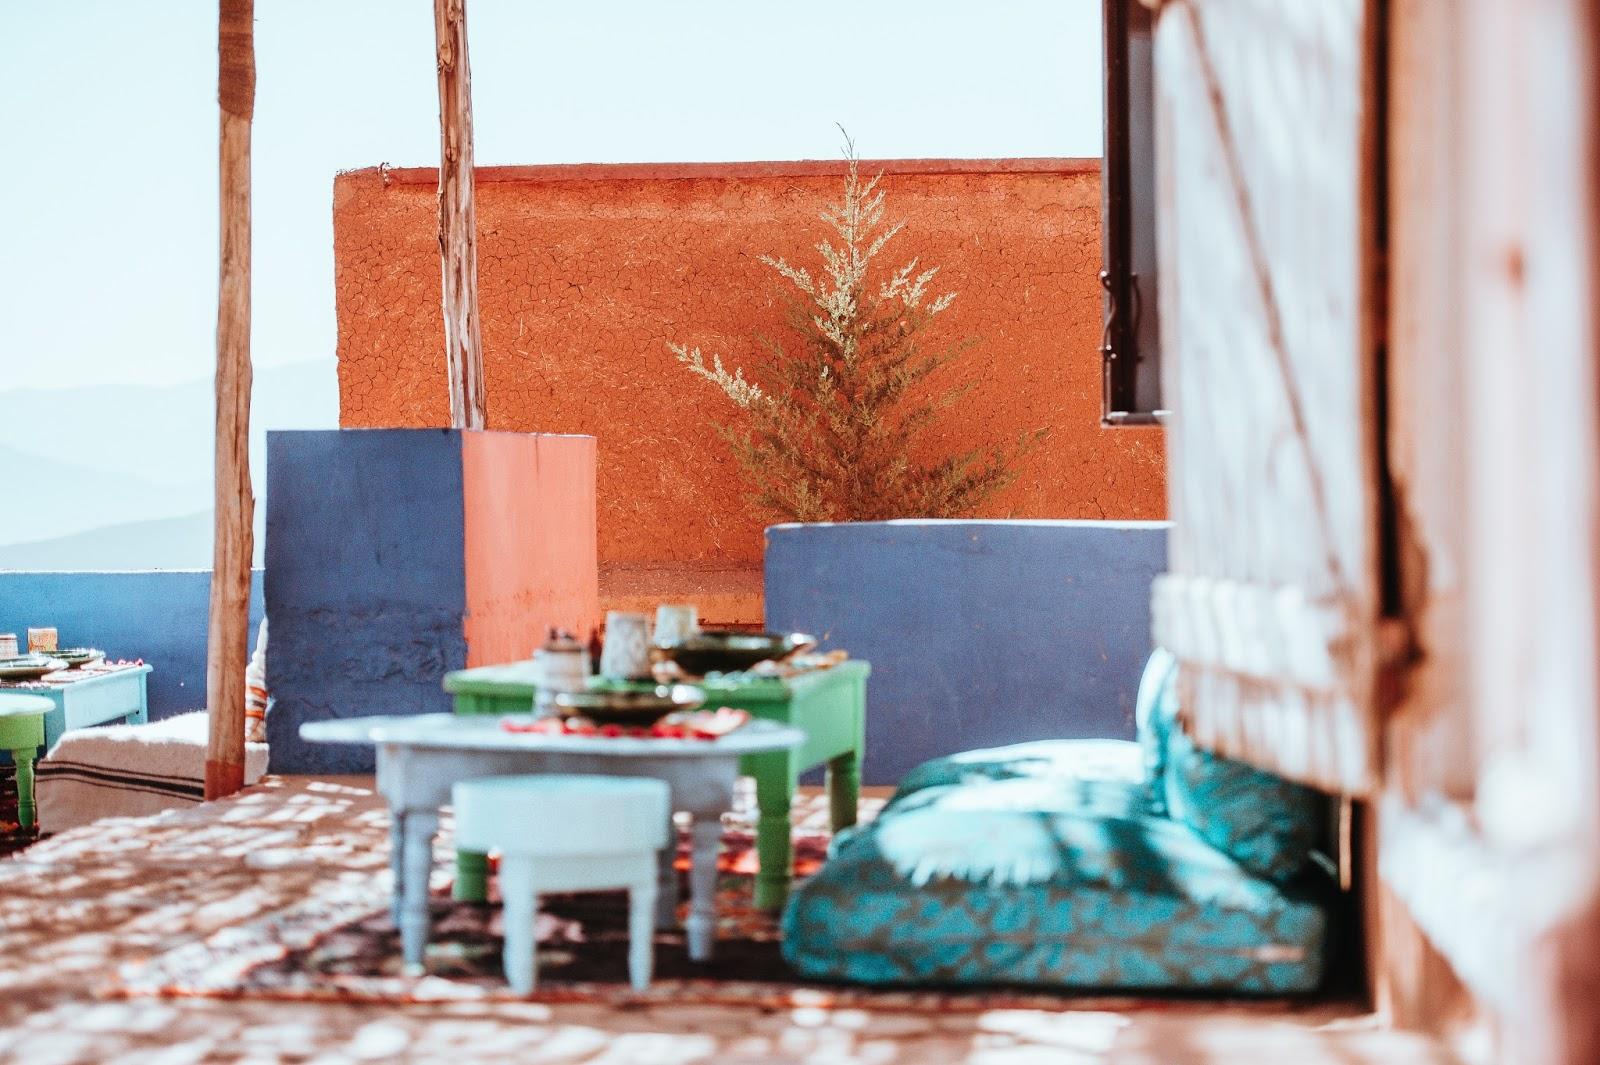 webookontour: Marrakesch - Online Reisebüro webook.ch Blog